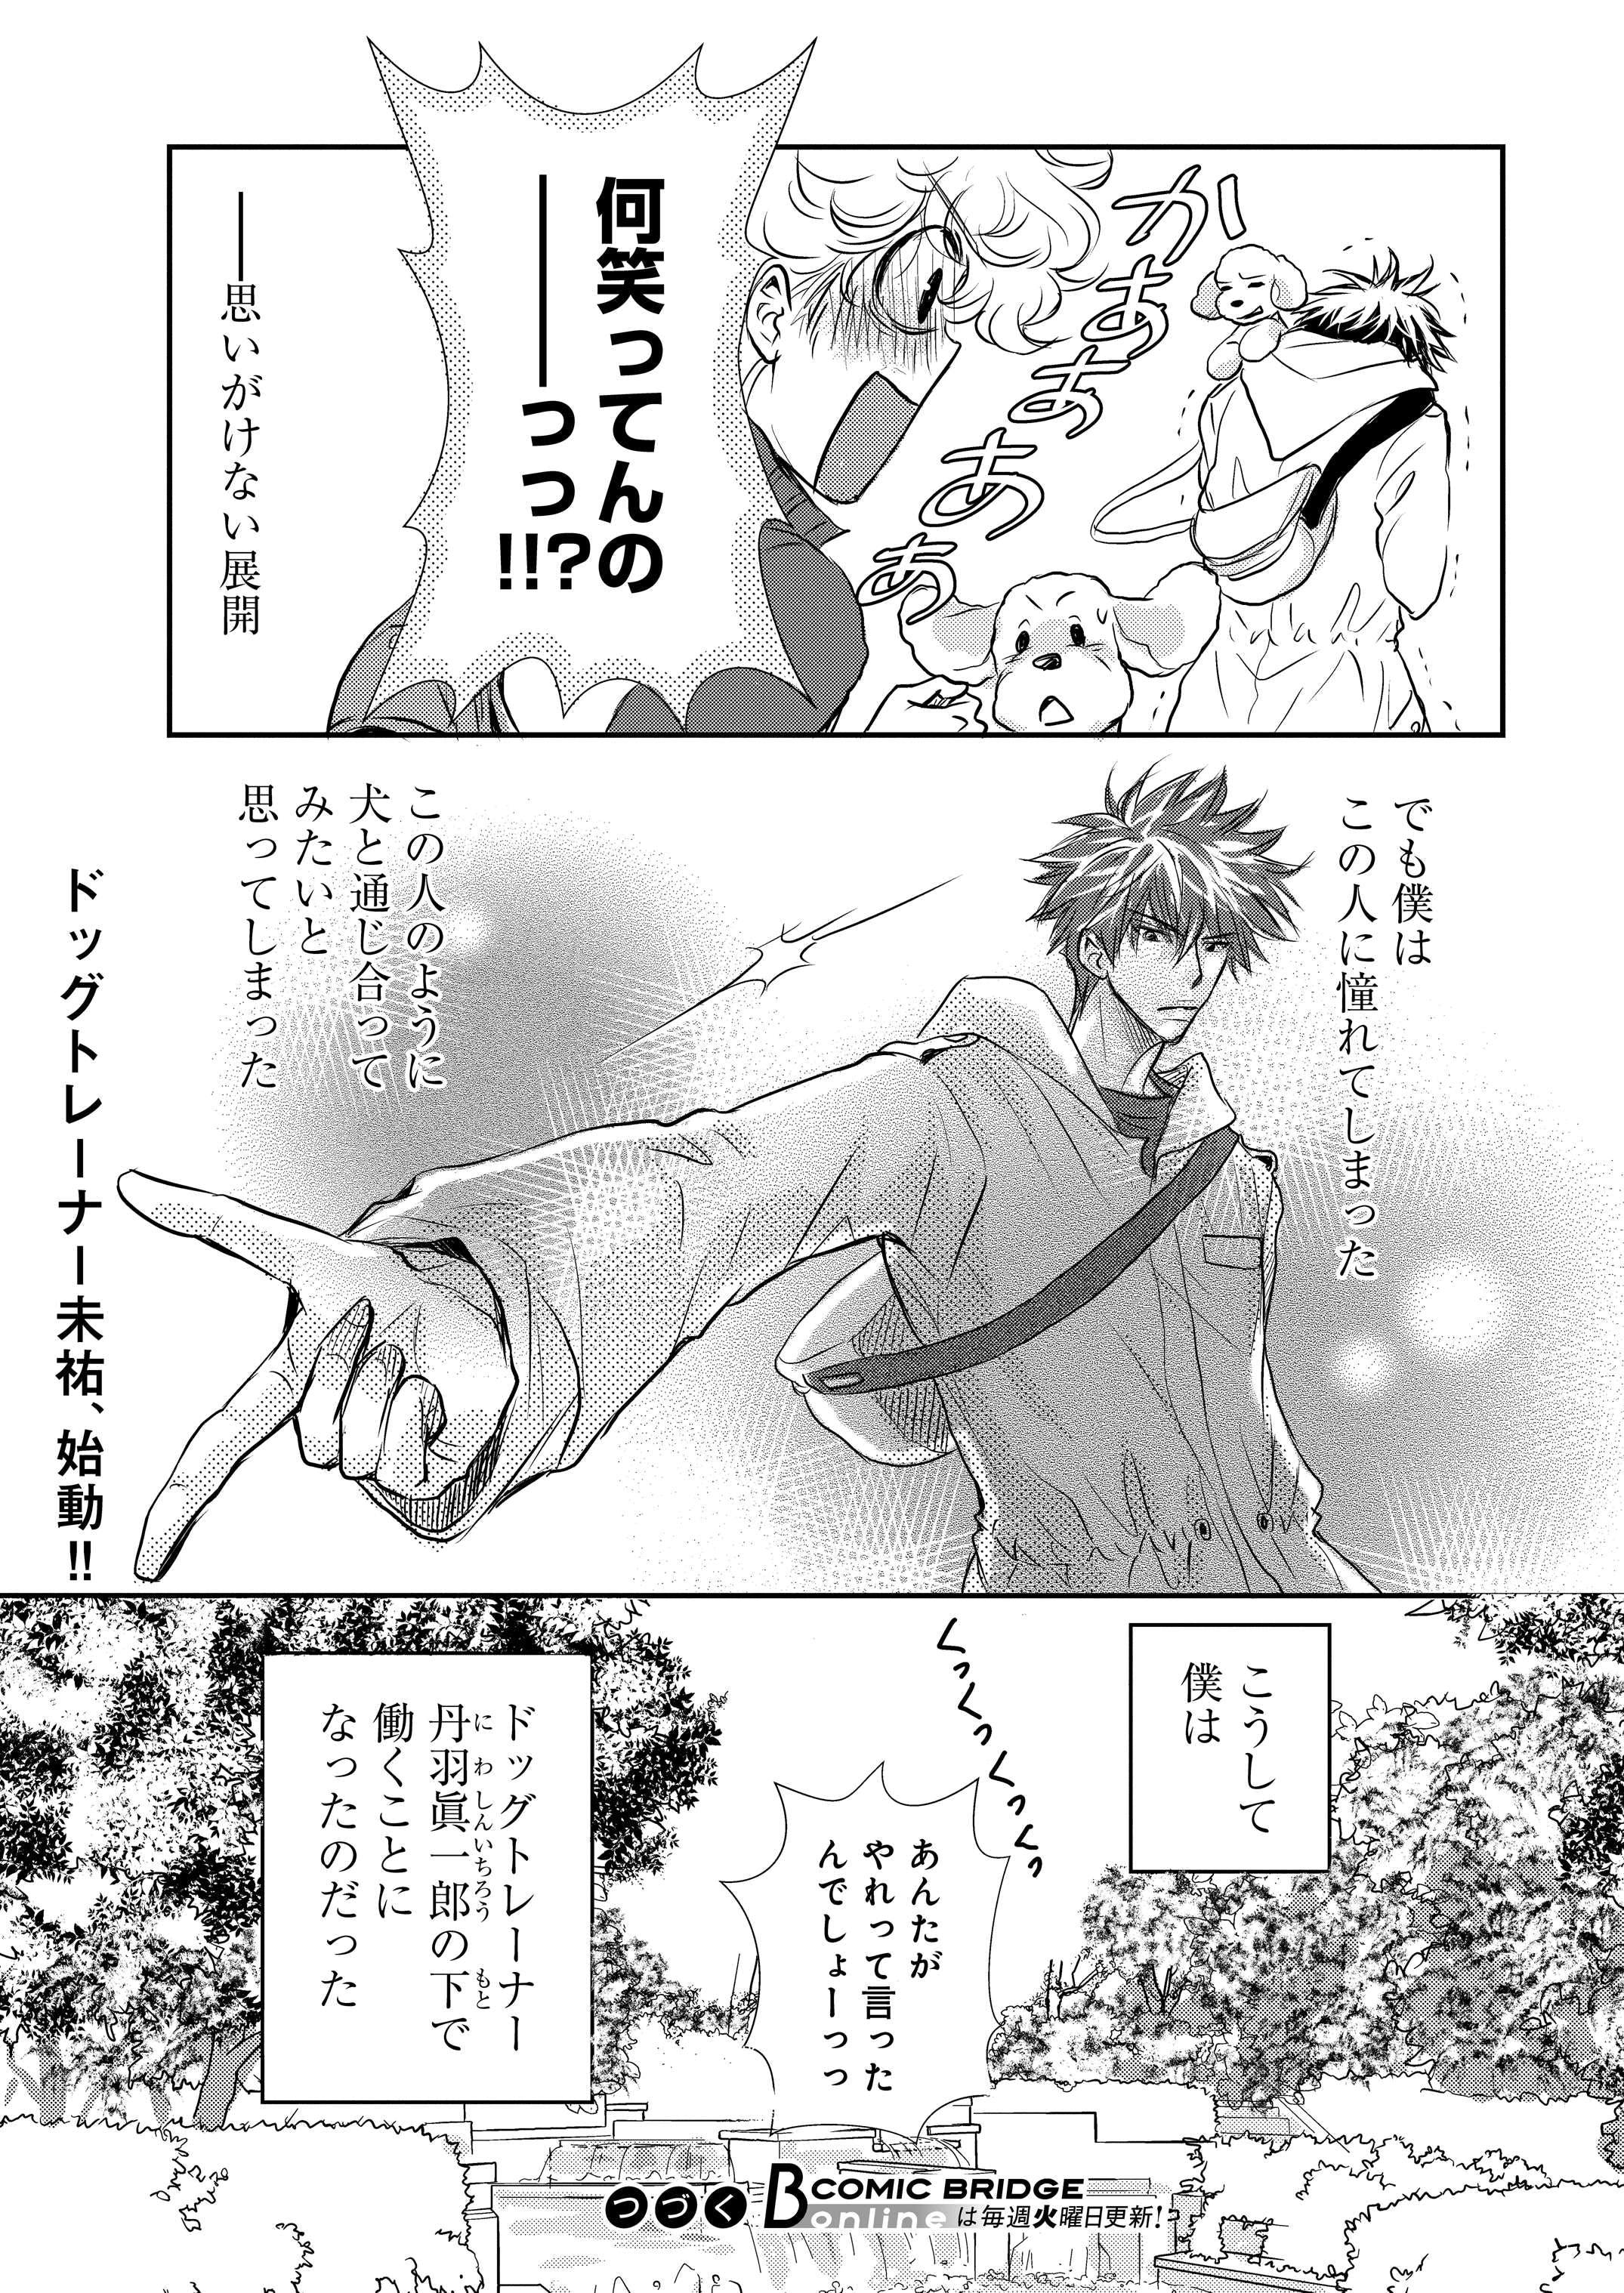 【新連載】『DOG SIGNAL』1話目④ 10ページ目